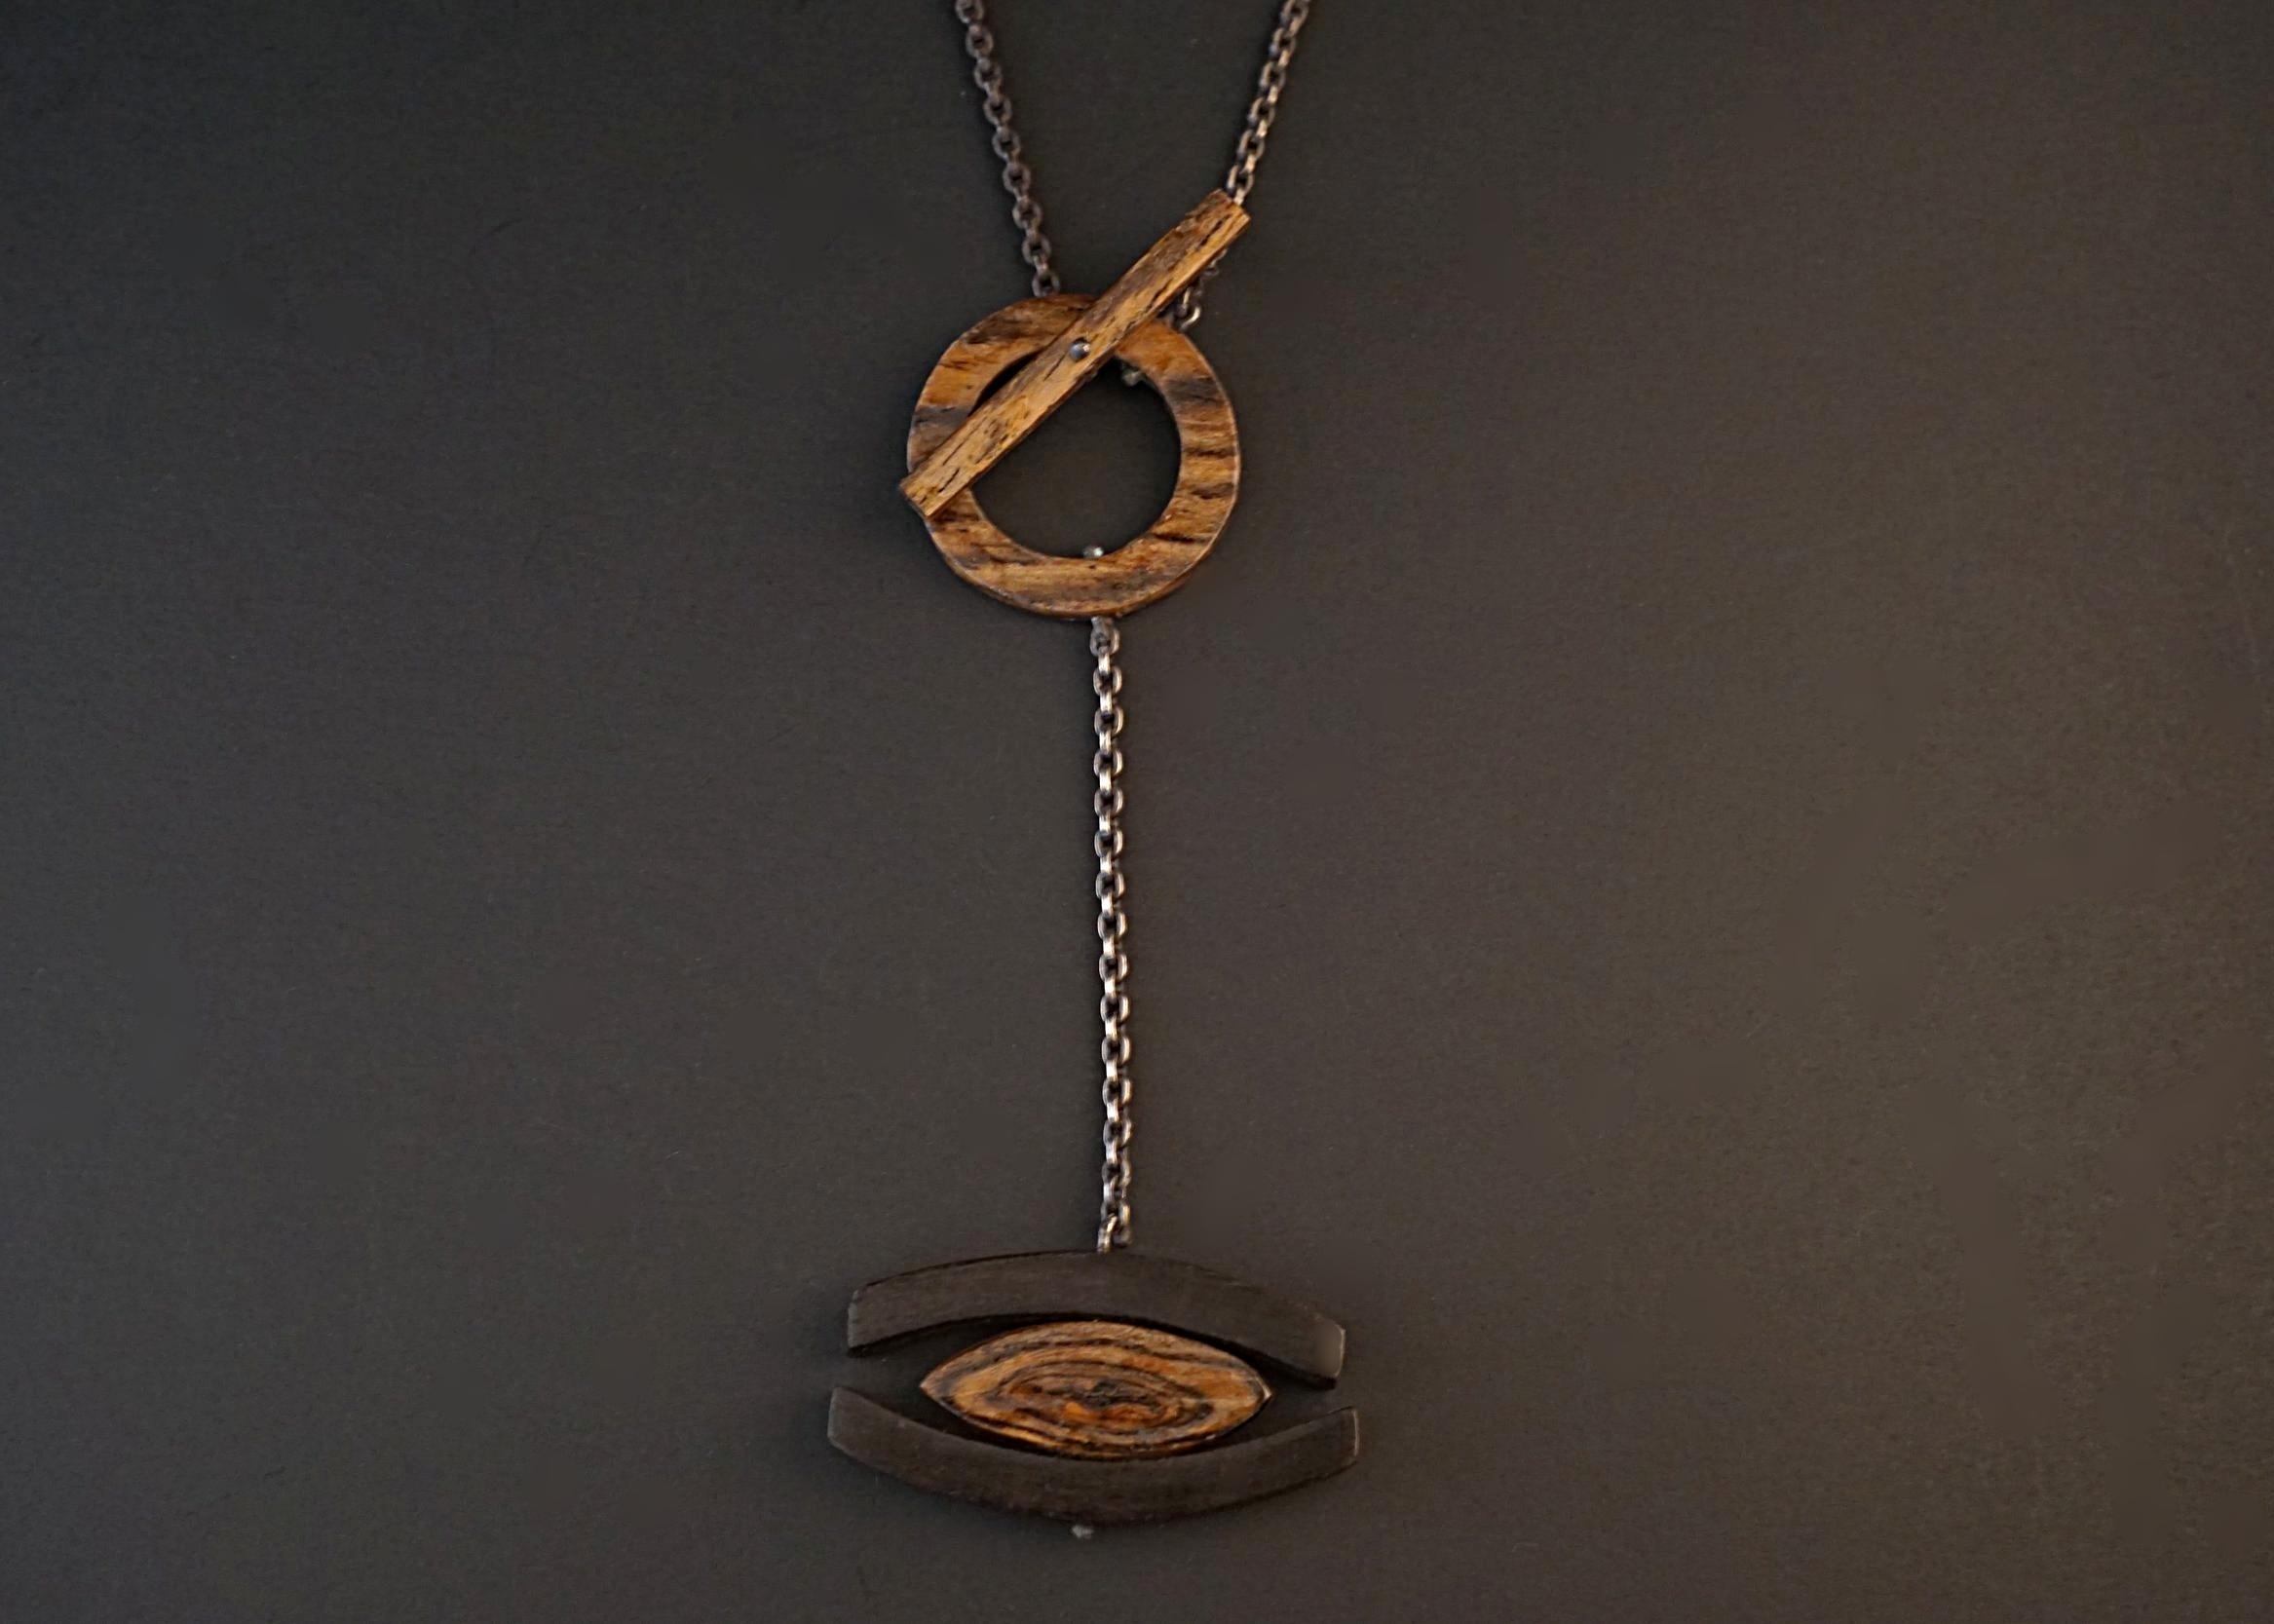 Bocote and ebony wood pendant